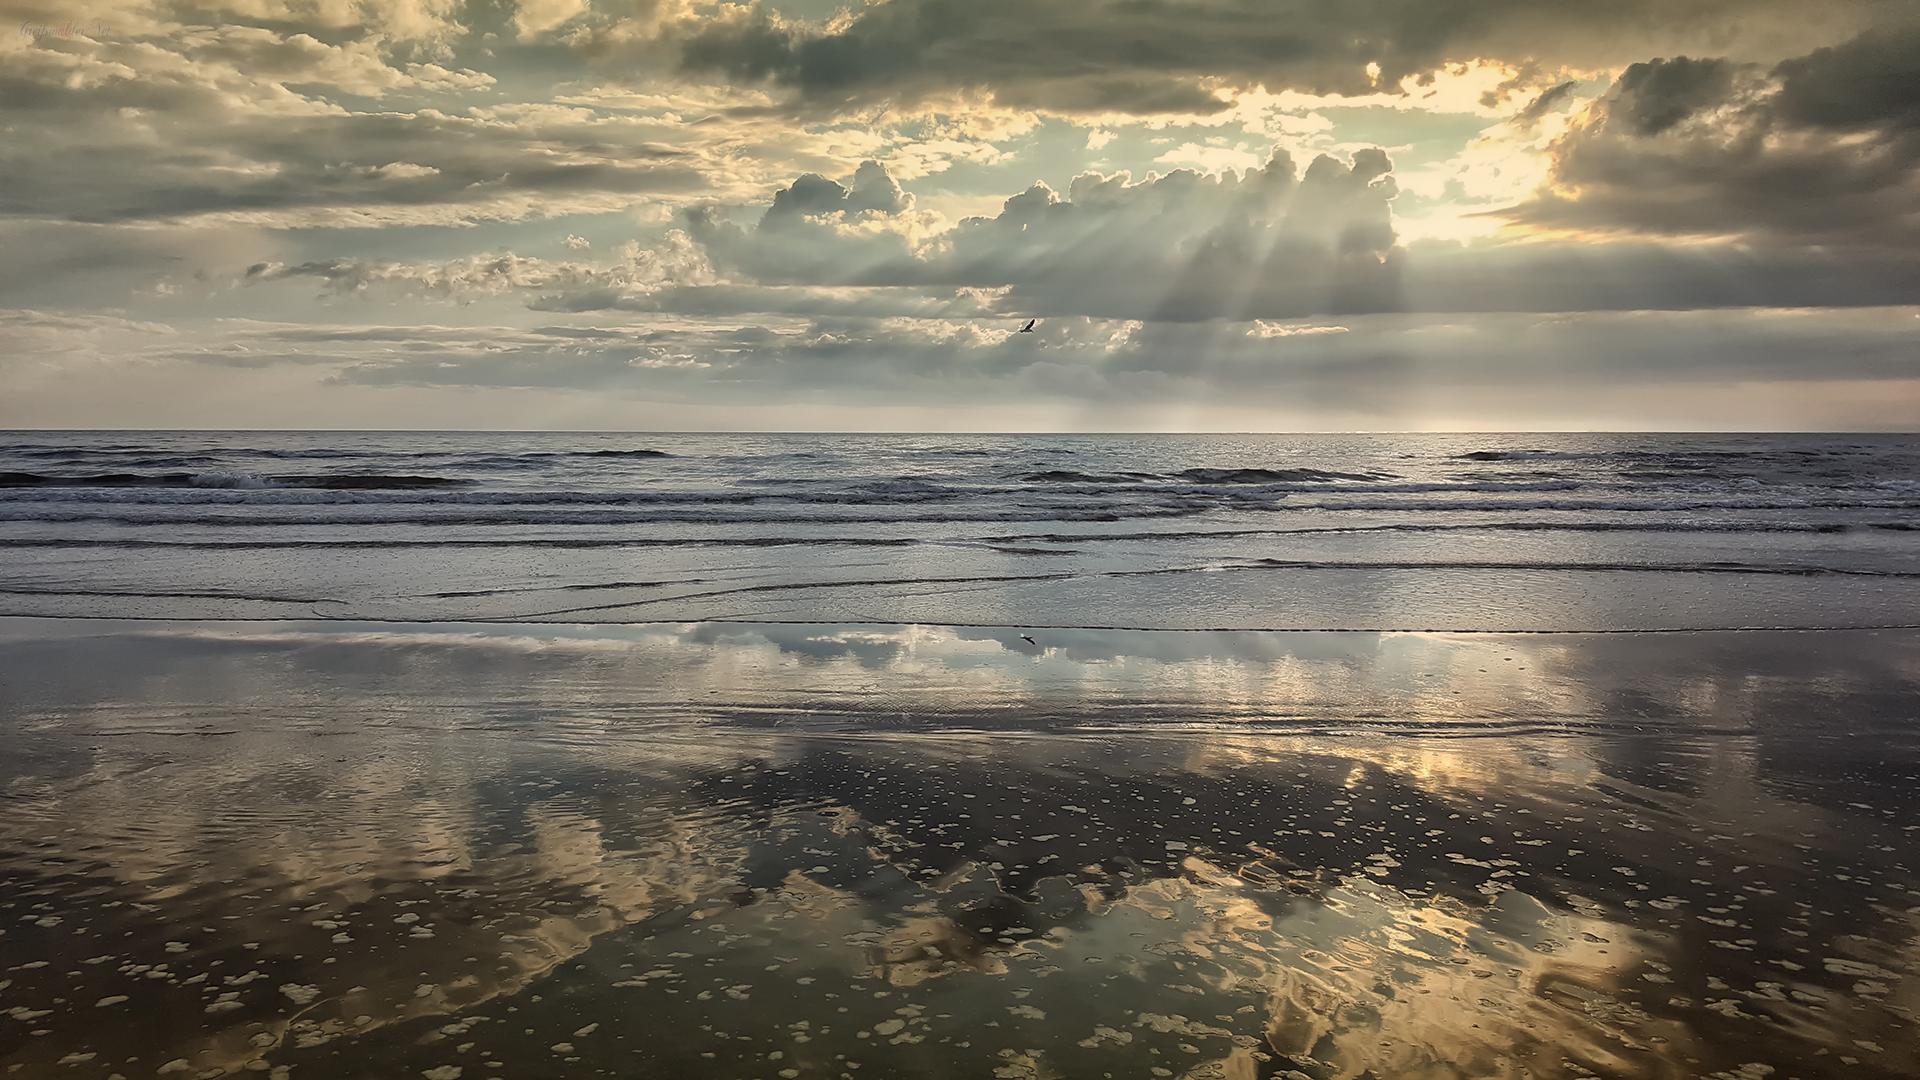 Ostsee Spiegelung am Strand in Karlshagen auf der Insel Usedom